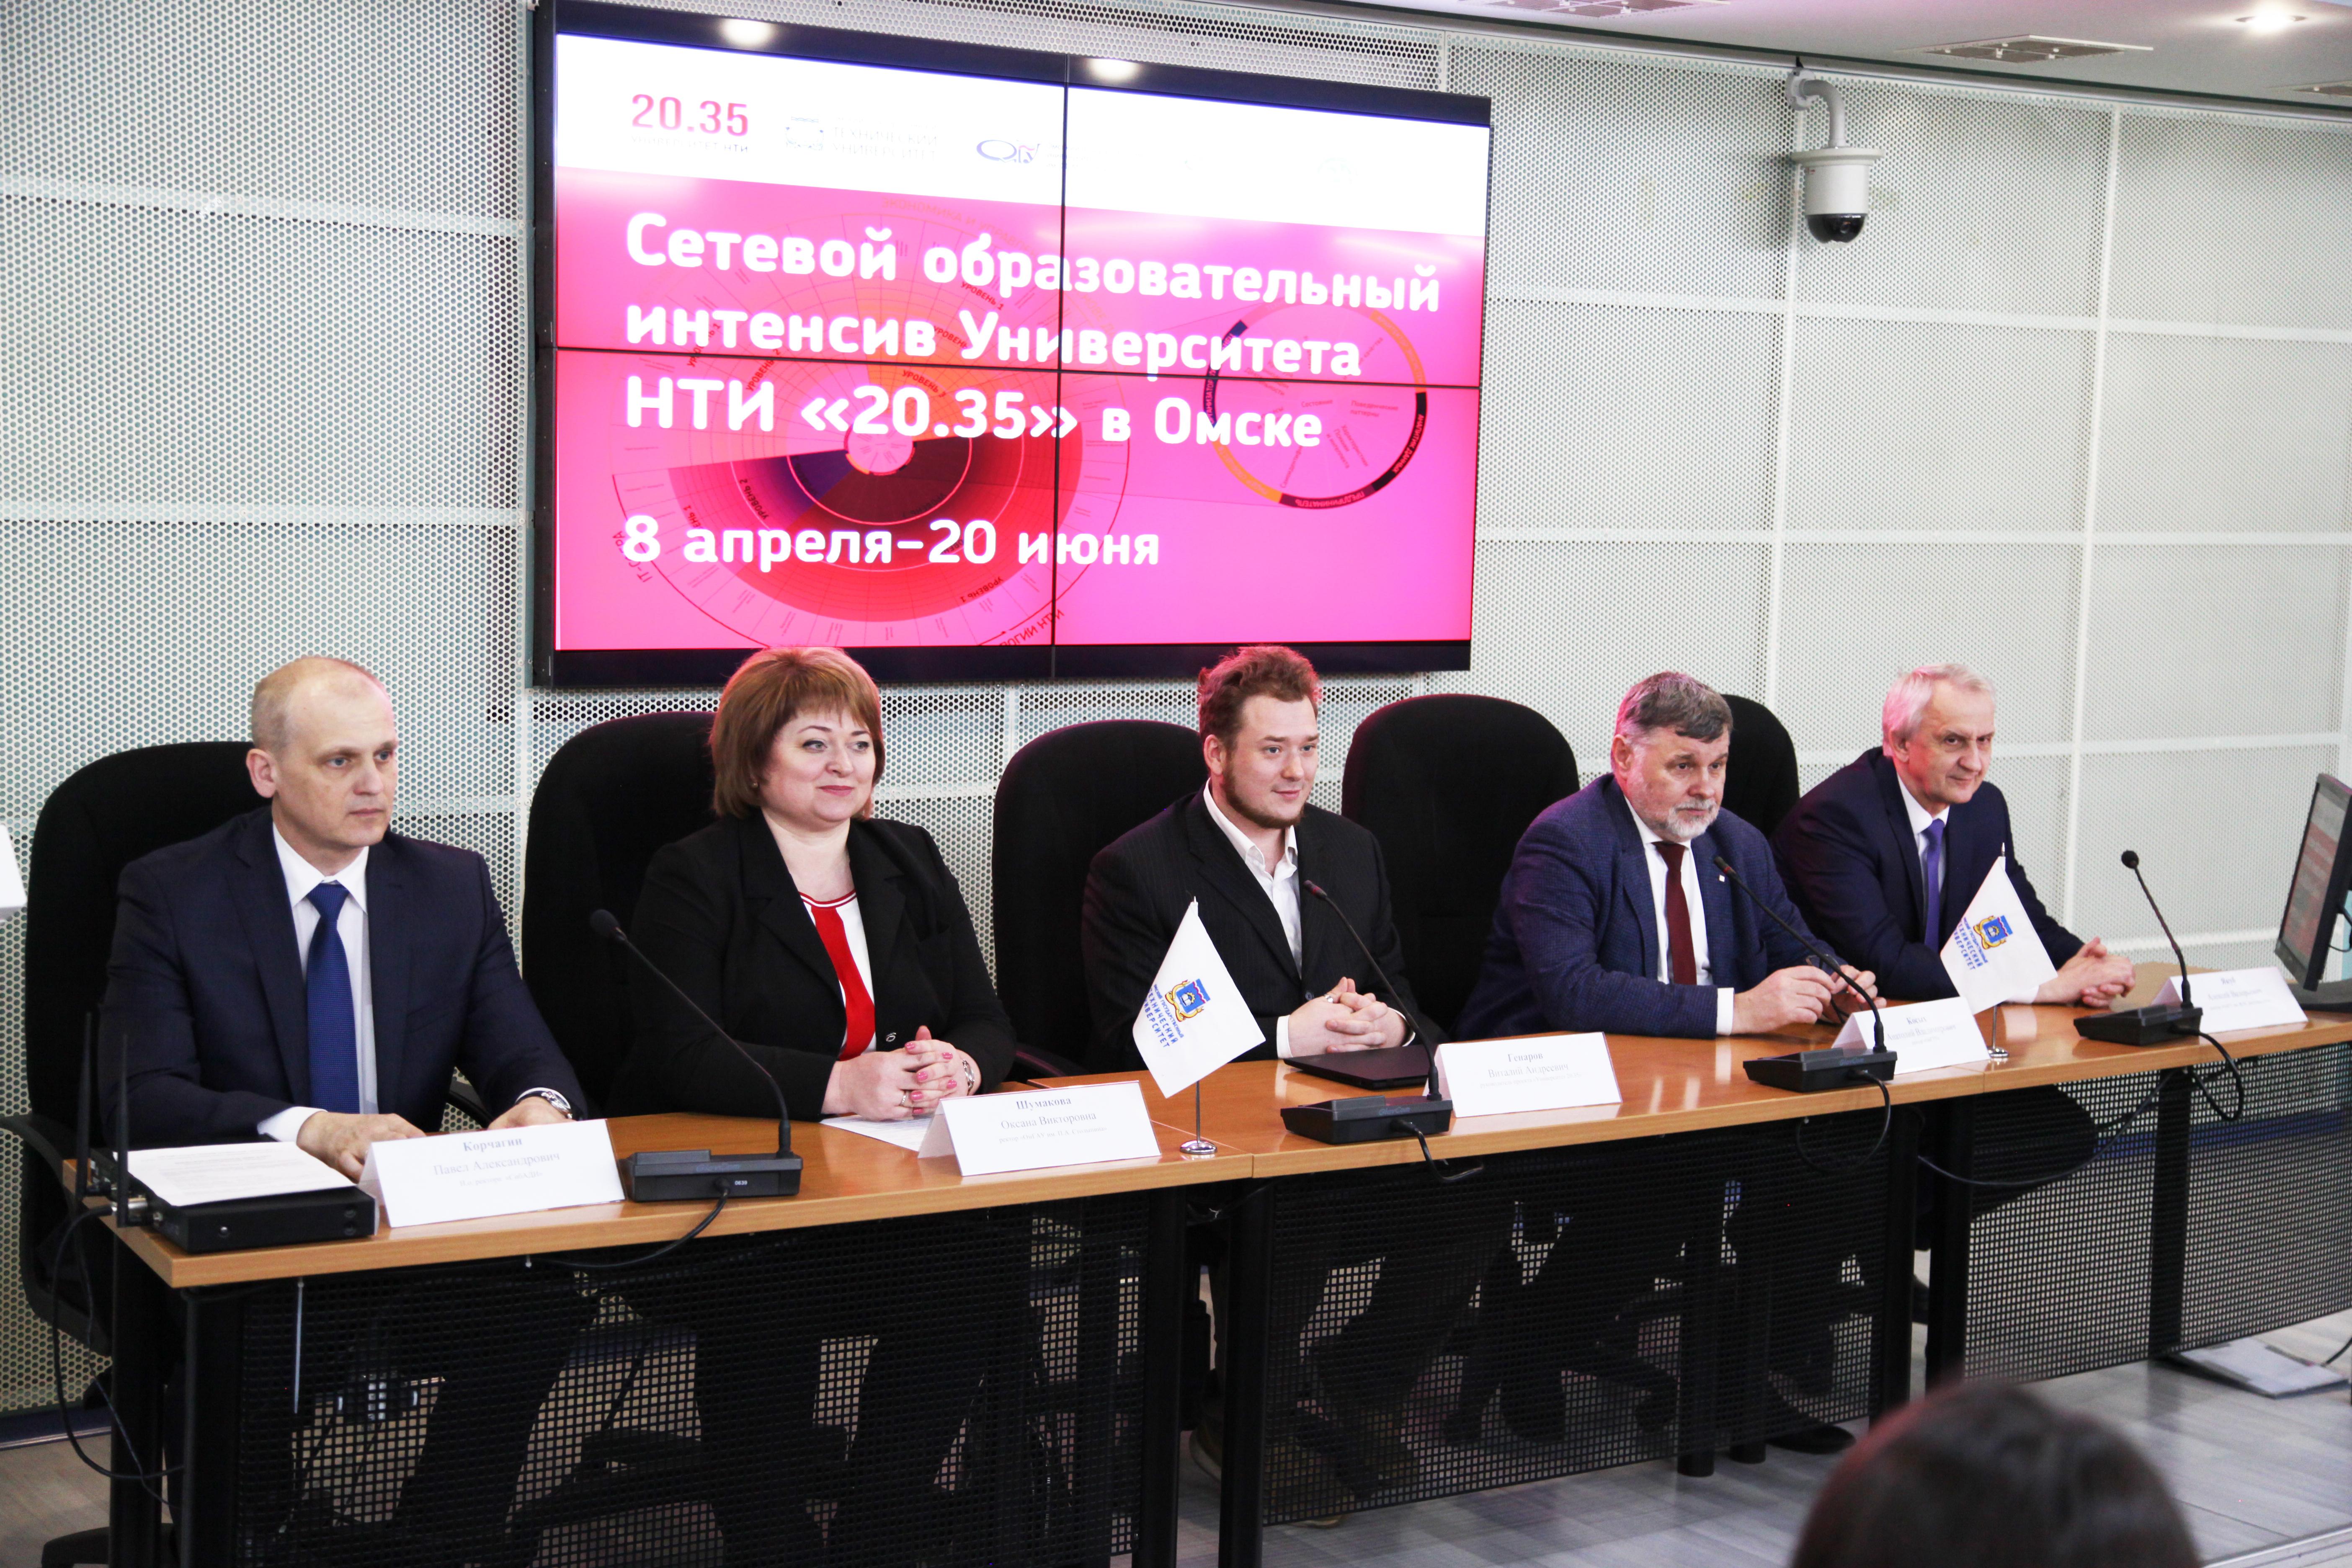 Студенты Омска создадут продукт для рынков НТИ